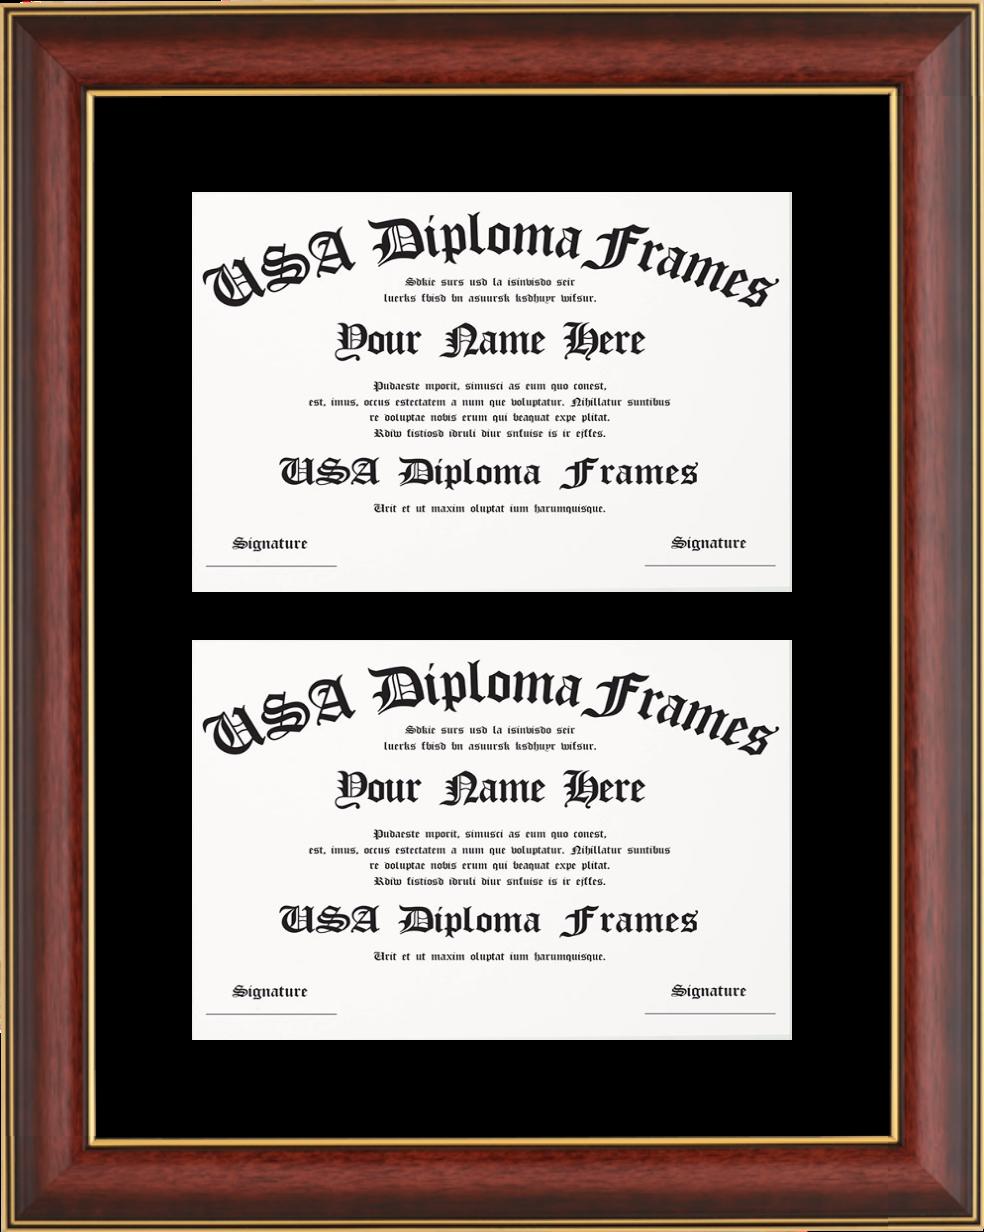 usa custom diploma frames buy x doc single and  usa custom diploma frames buy 8 1 2 x 11 doc single 99 and